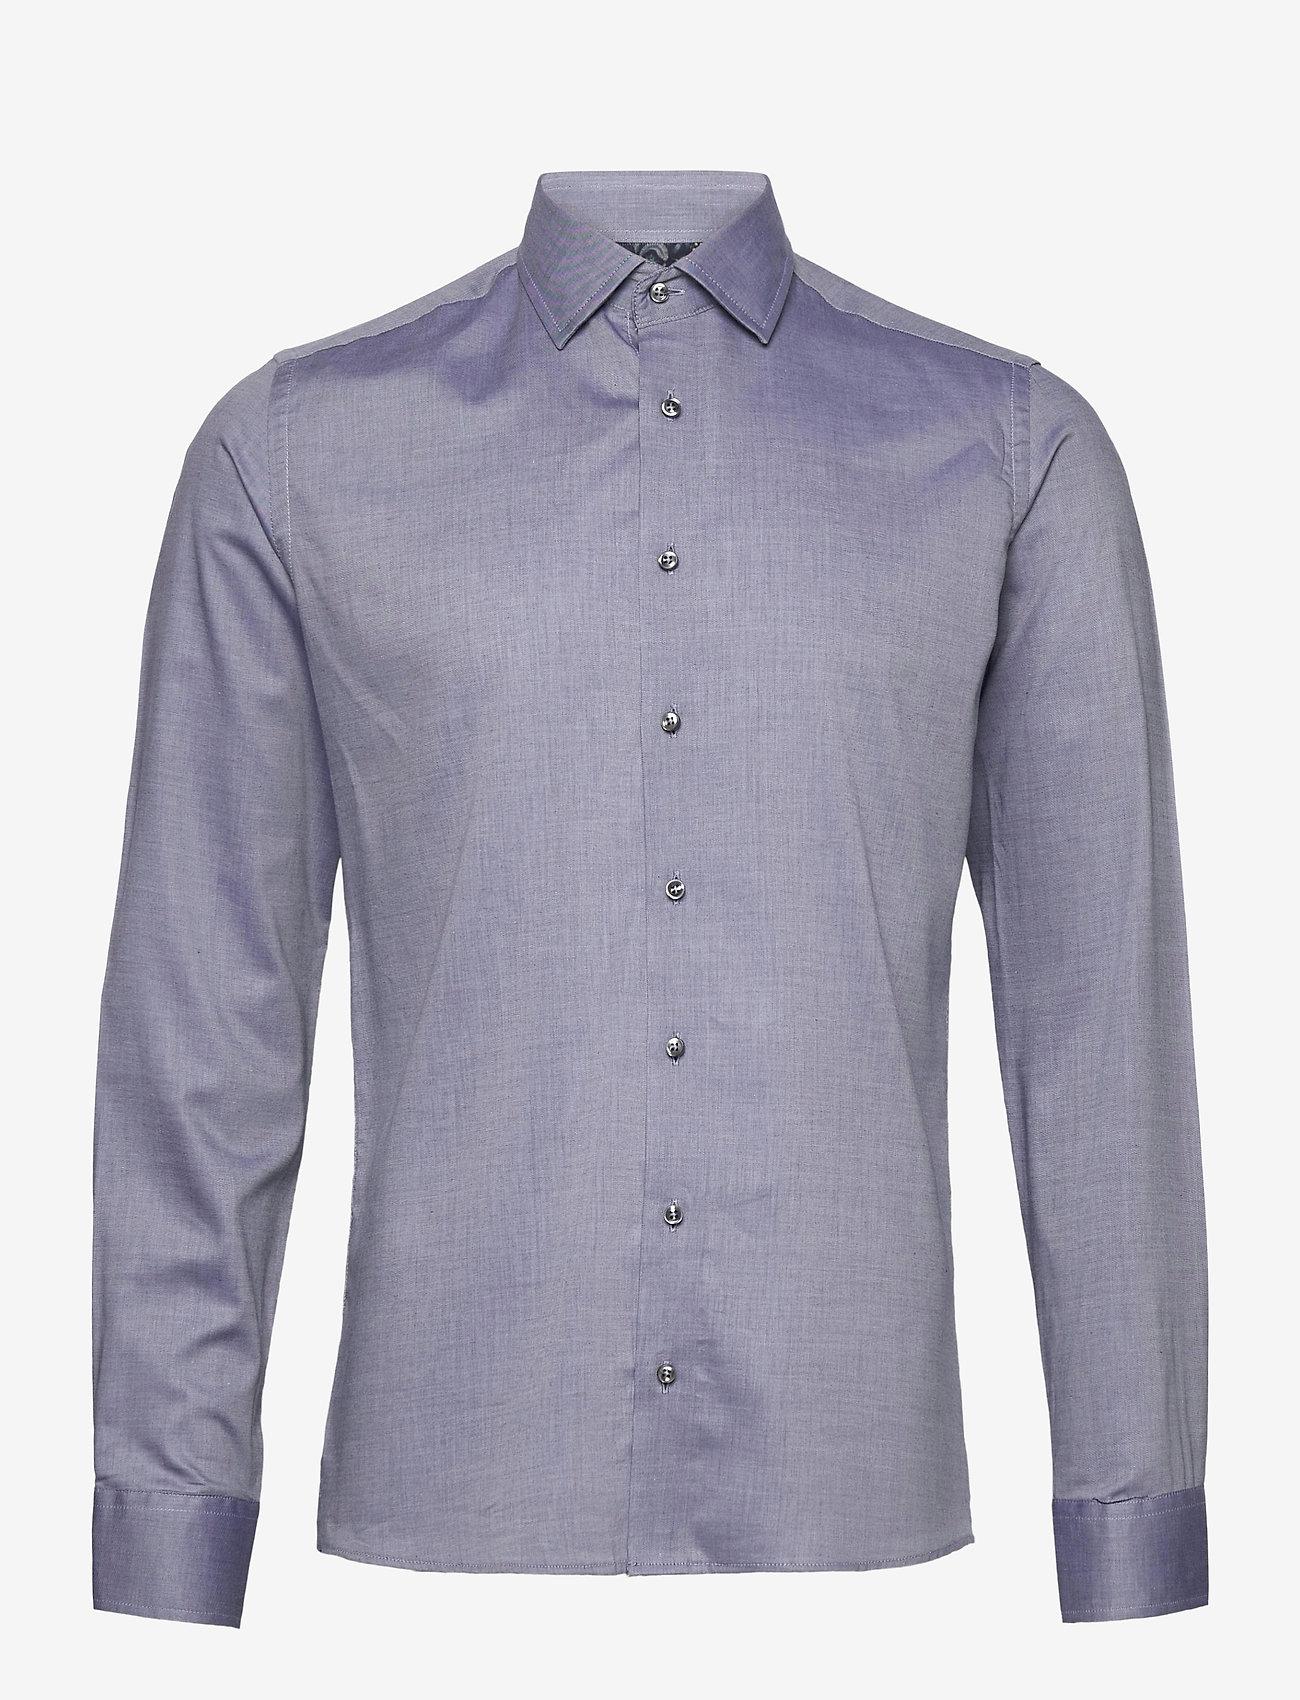 SAND - 8657 - Iver 2 Soft - basic skjorter - blue - 0